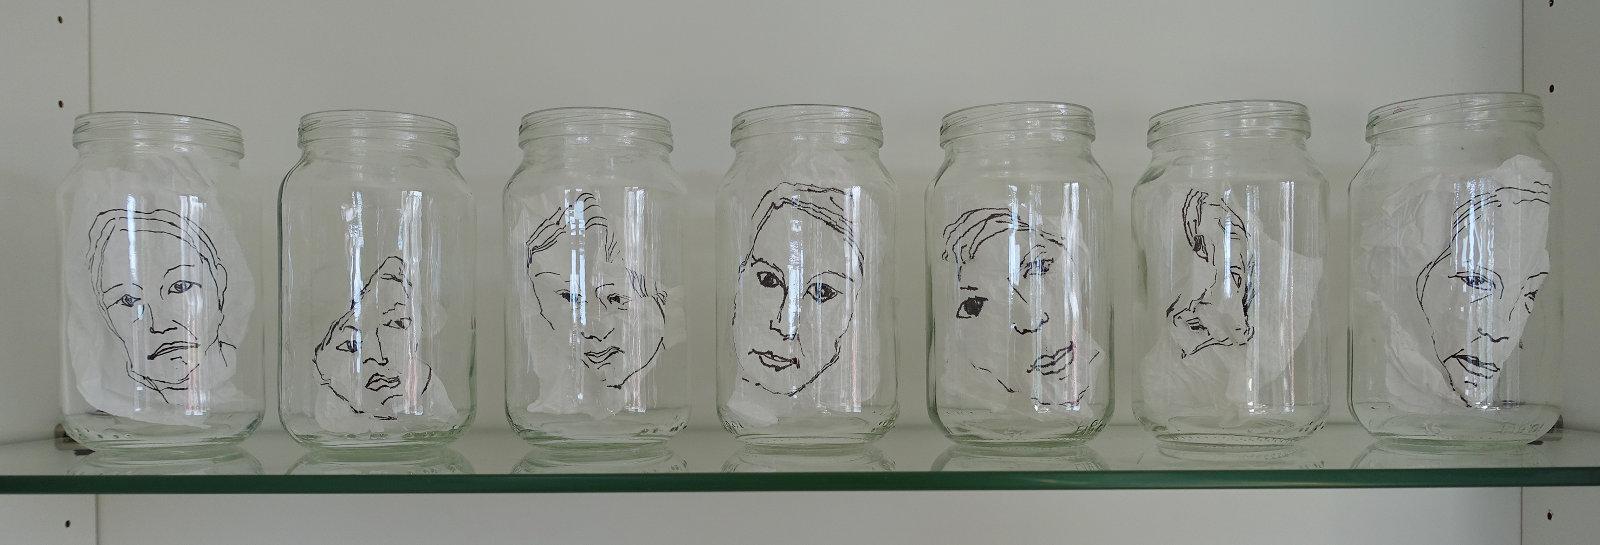 Väsymyksen kasvot, 2016, rypistellyt piirustukset lasipurkeissa, 12 x 48 x 6 cm